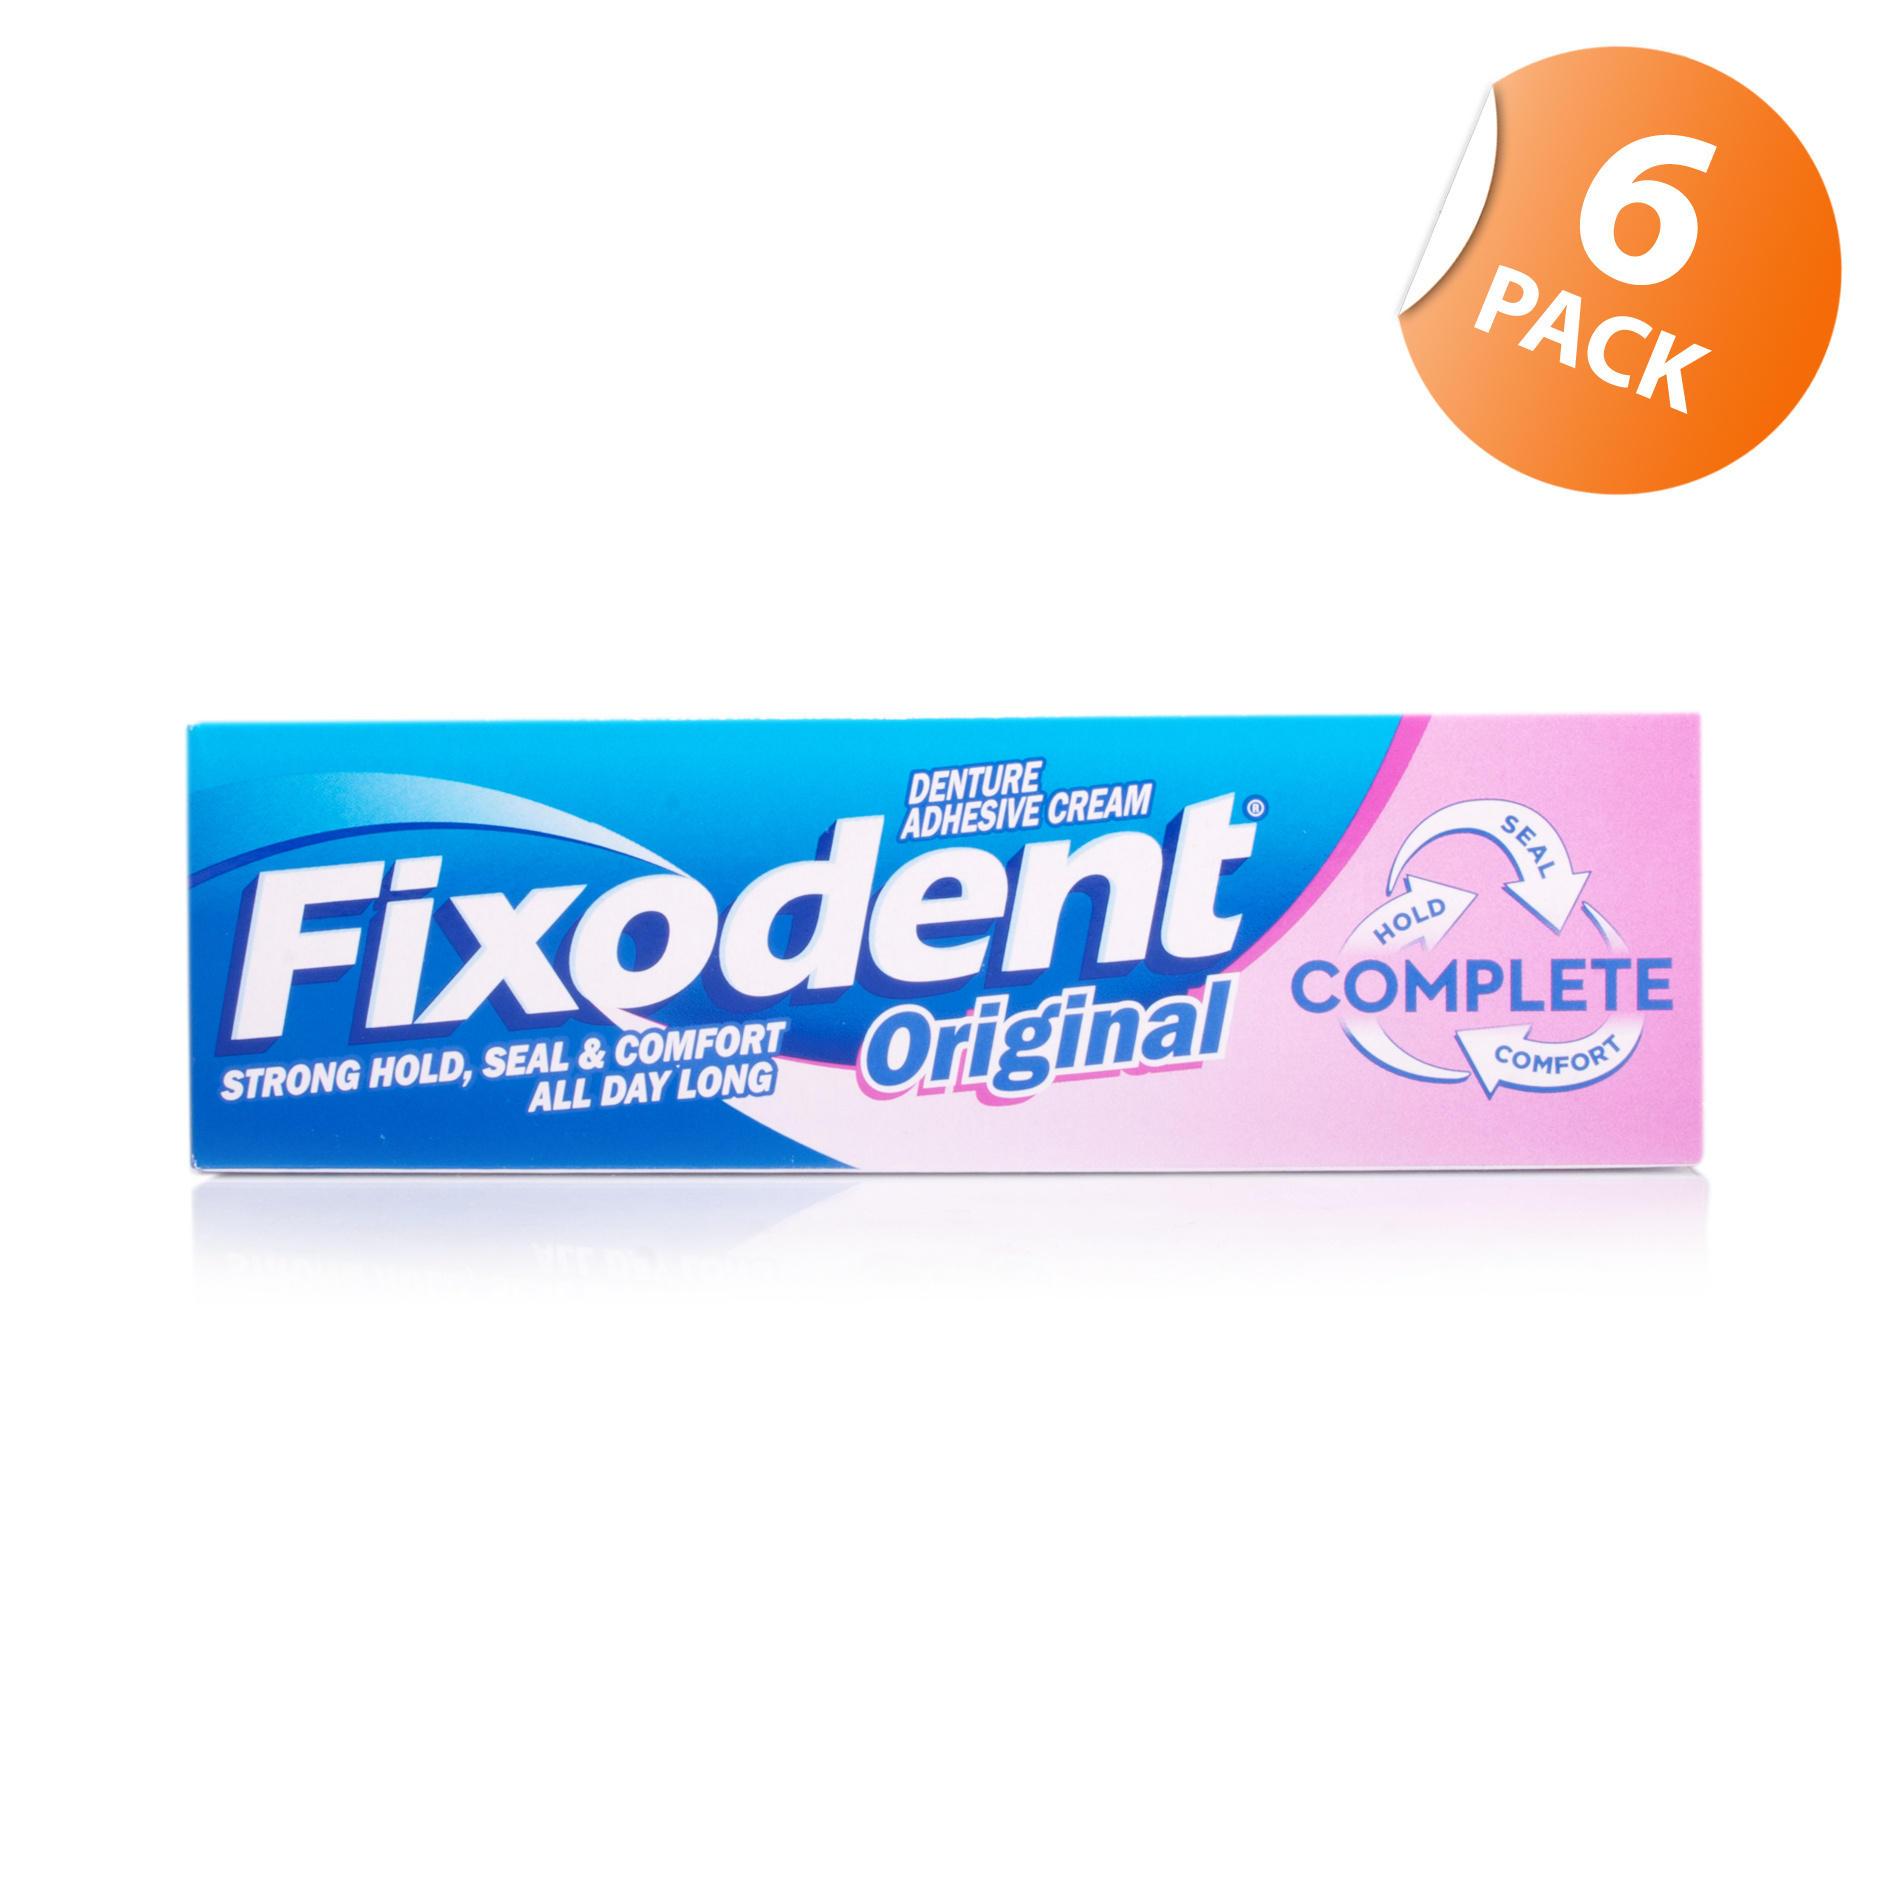 Fixodent Original Denture Adhesive Cream Mint